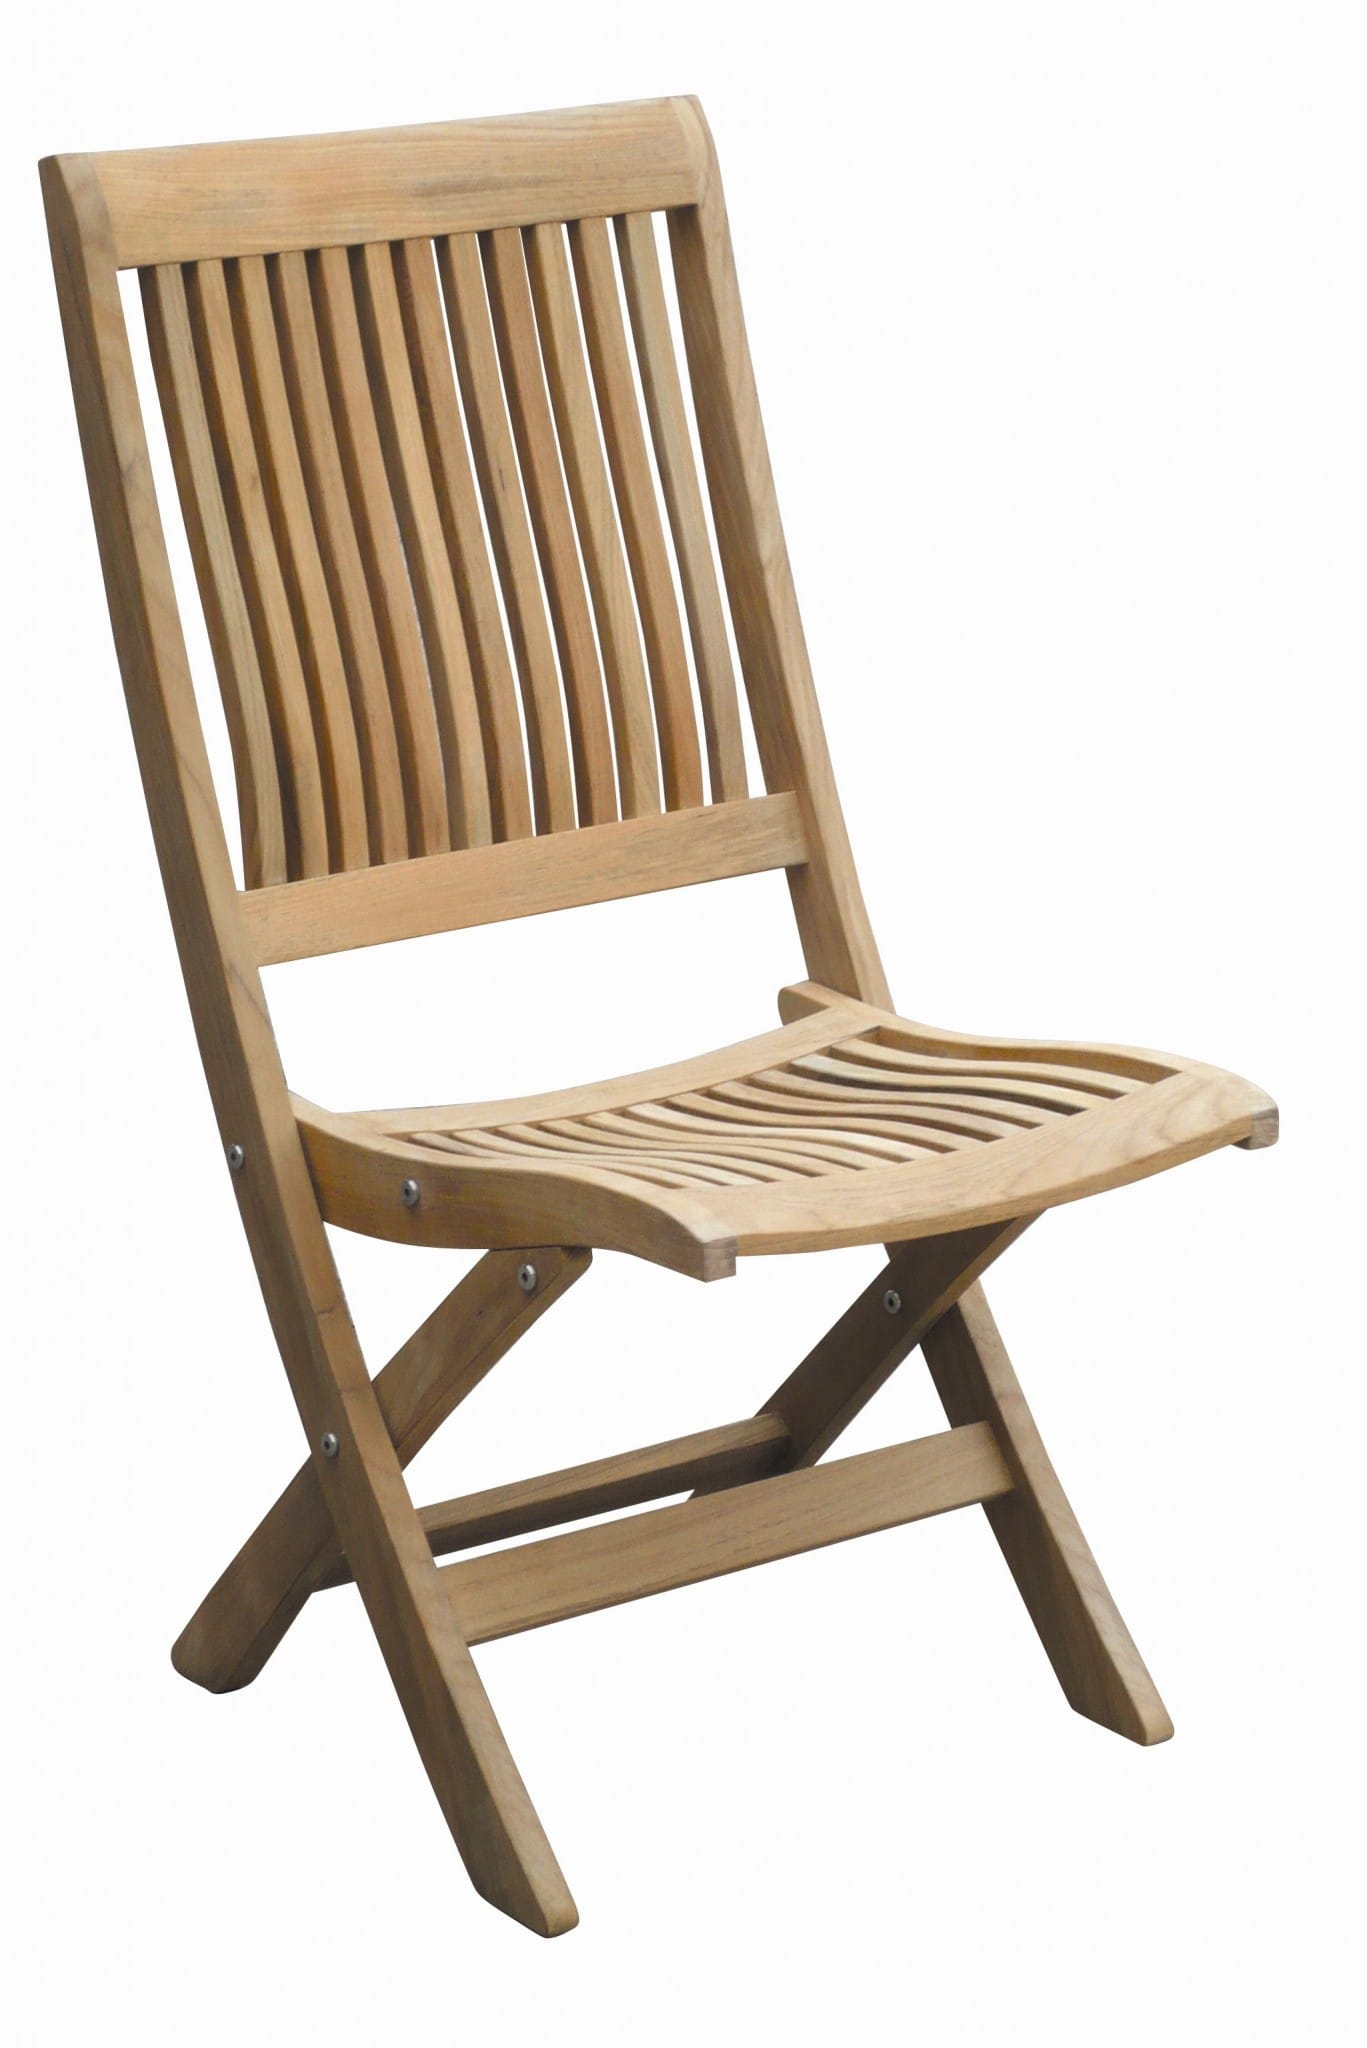 carma teak klappstuhl barca premium teakholz bumb gartenm bel karlsruhe. Black Bedroom Furniture Sets. Home Design Ideas